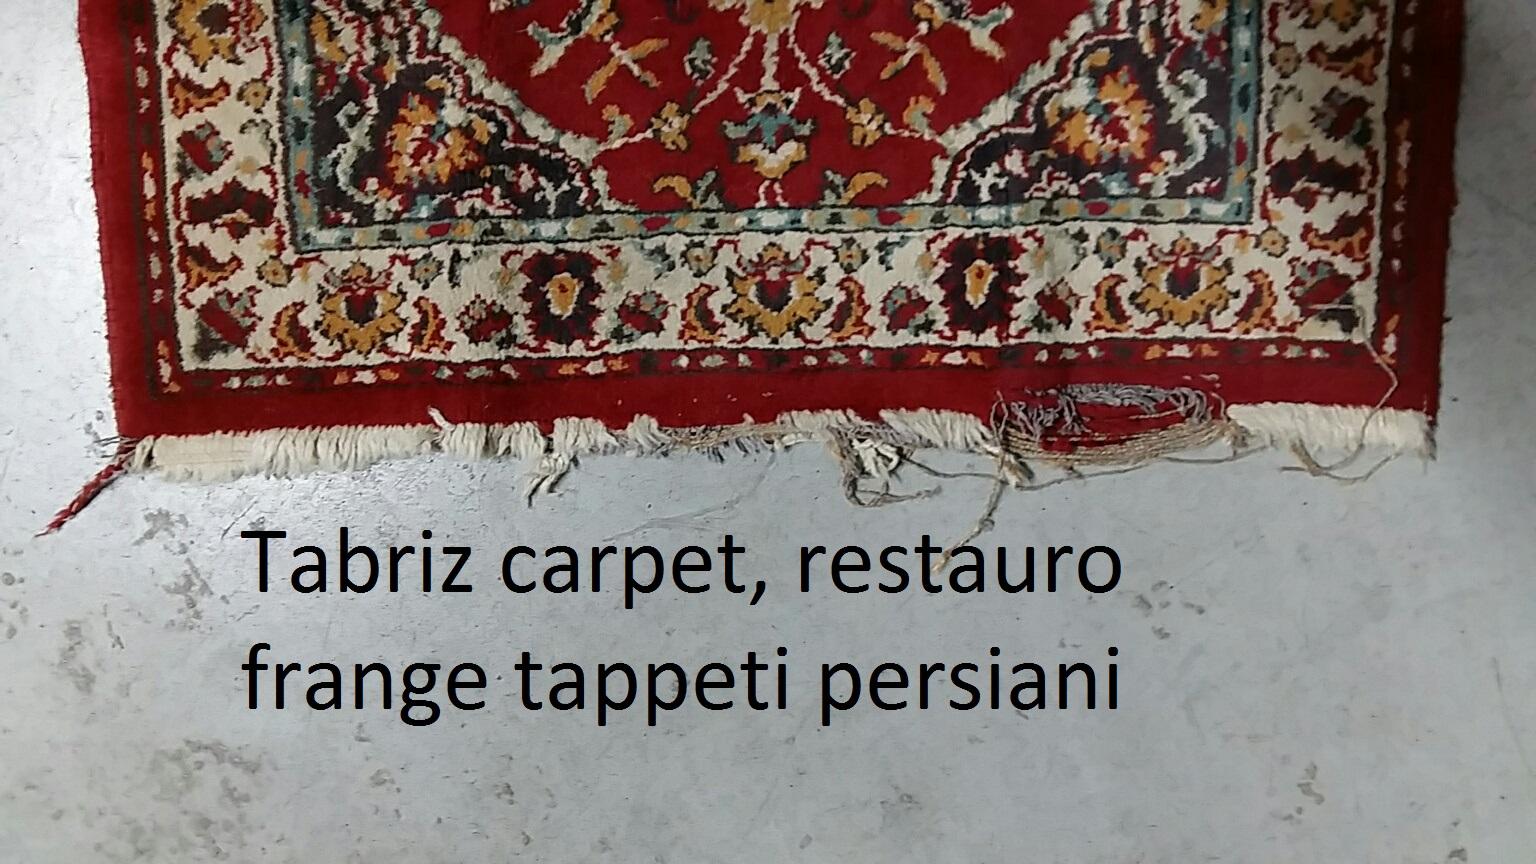 Restauro tappeto udine, Riparazione frnge tappeto persiano